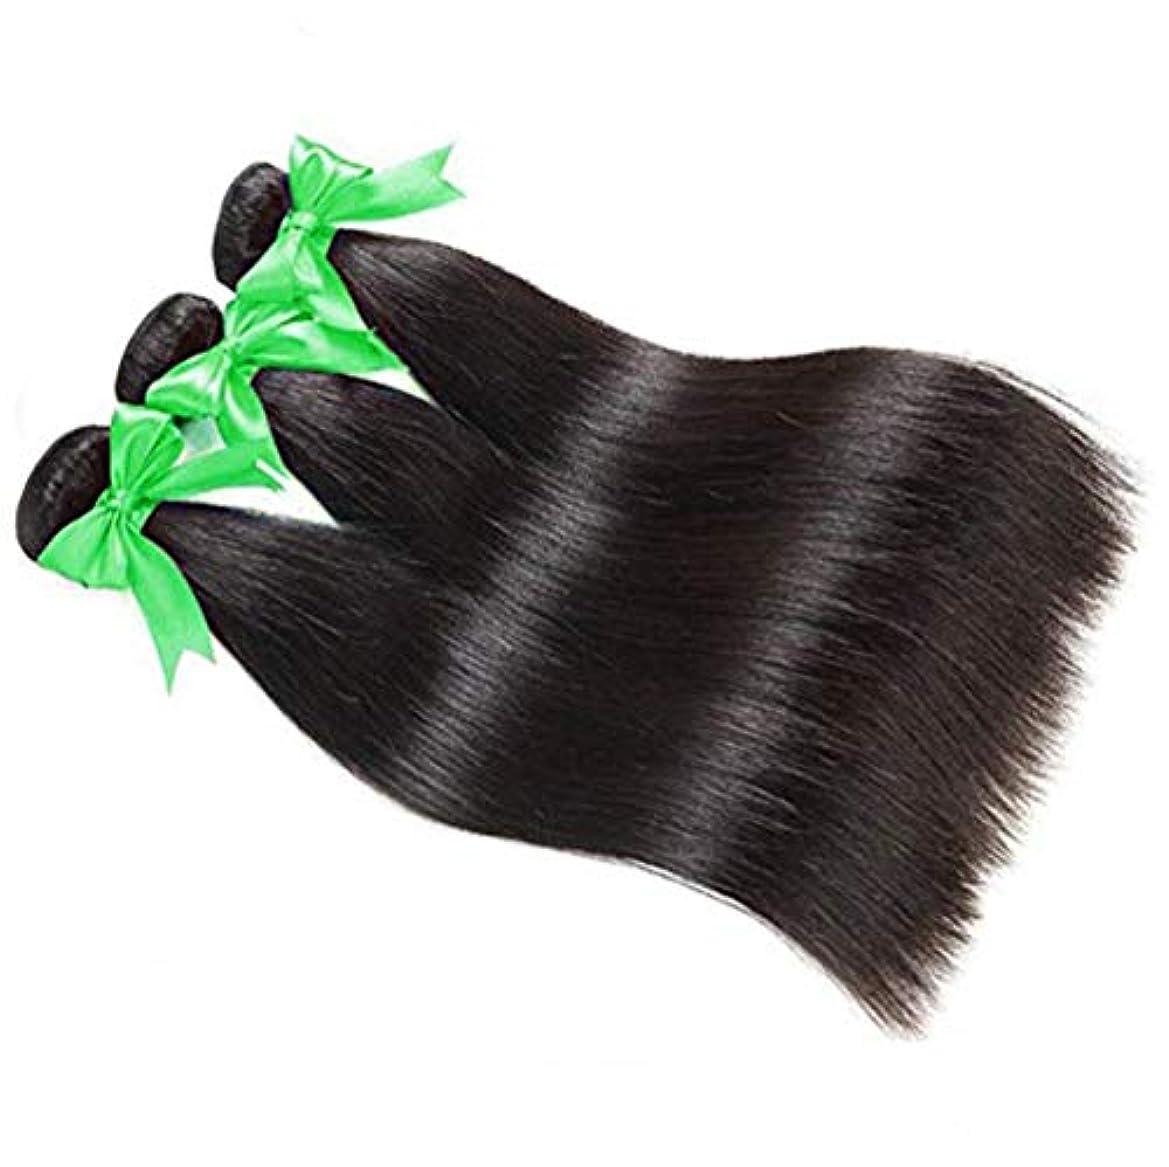 地区驚いたことにカナダ女性ストレート人間の髪の毛1バンドル100%未処理の絹のようなストレートバージン人間の髪の毛の束ダブル横糸ソフトと太い髪